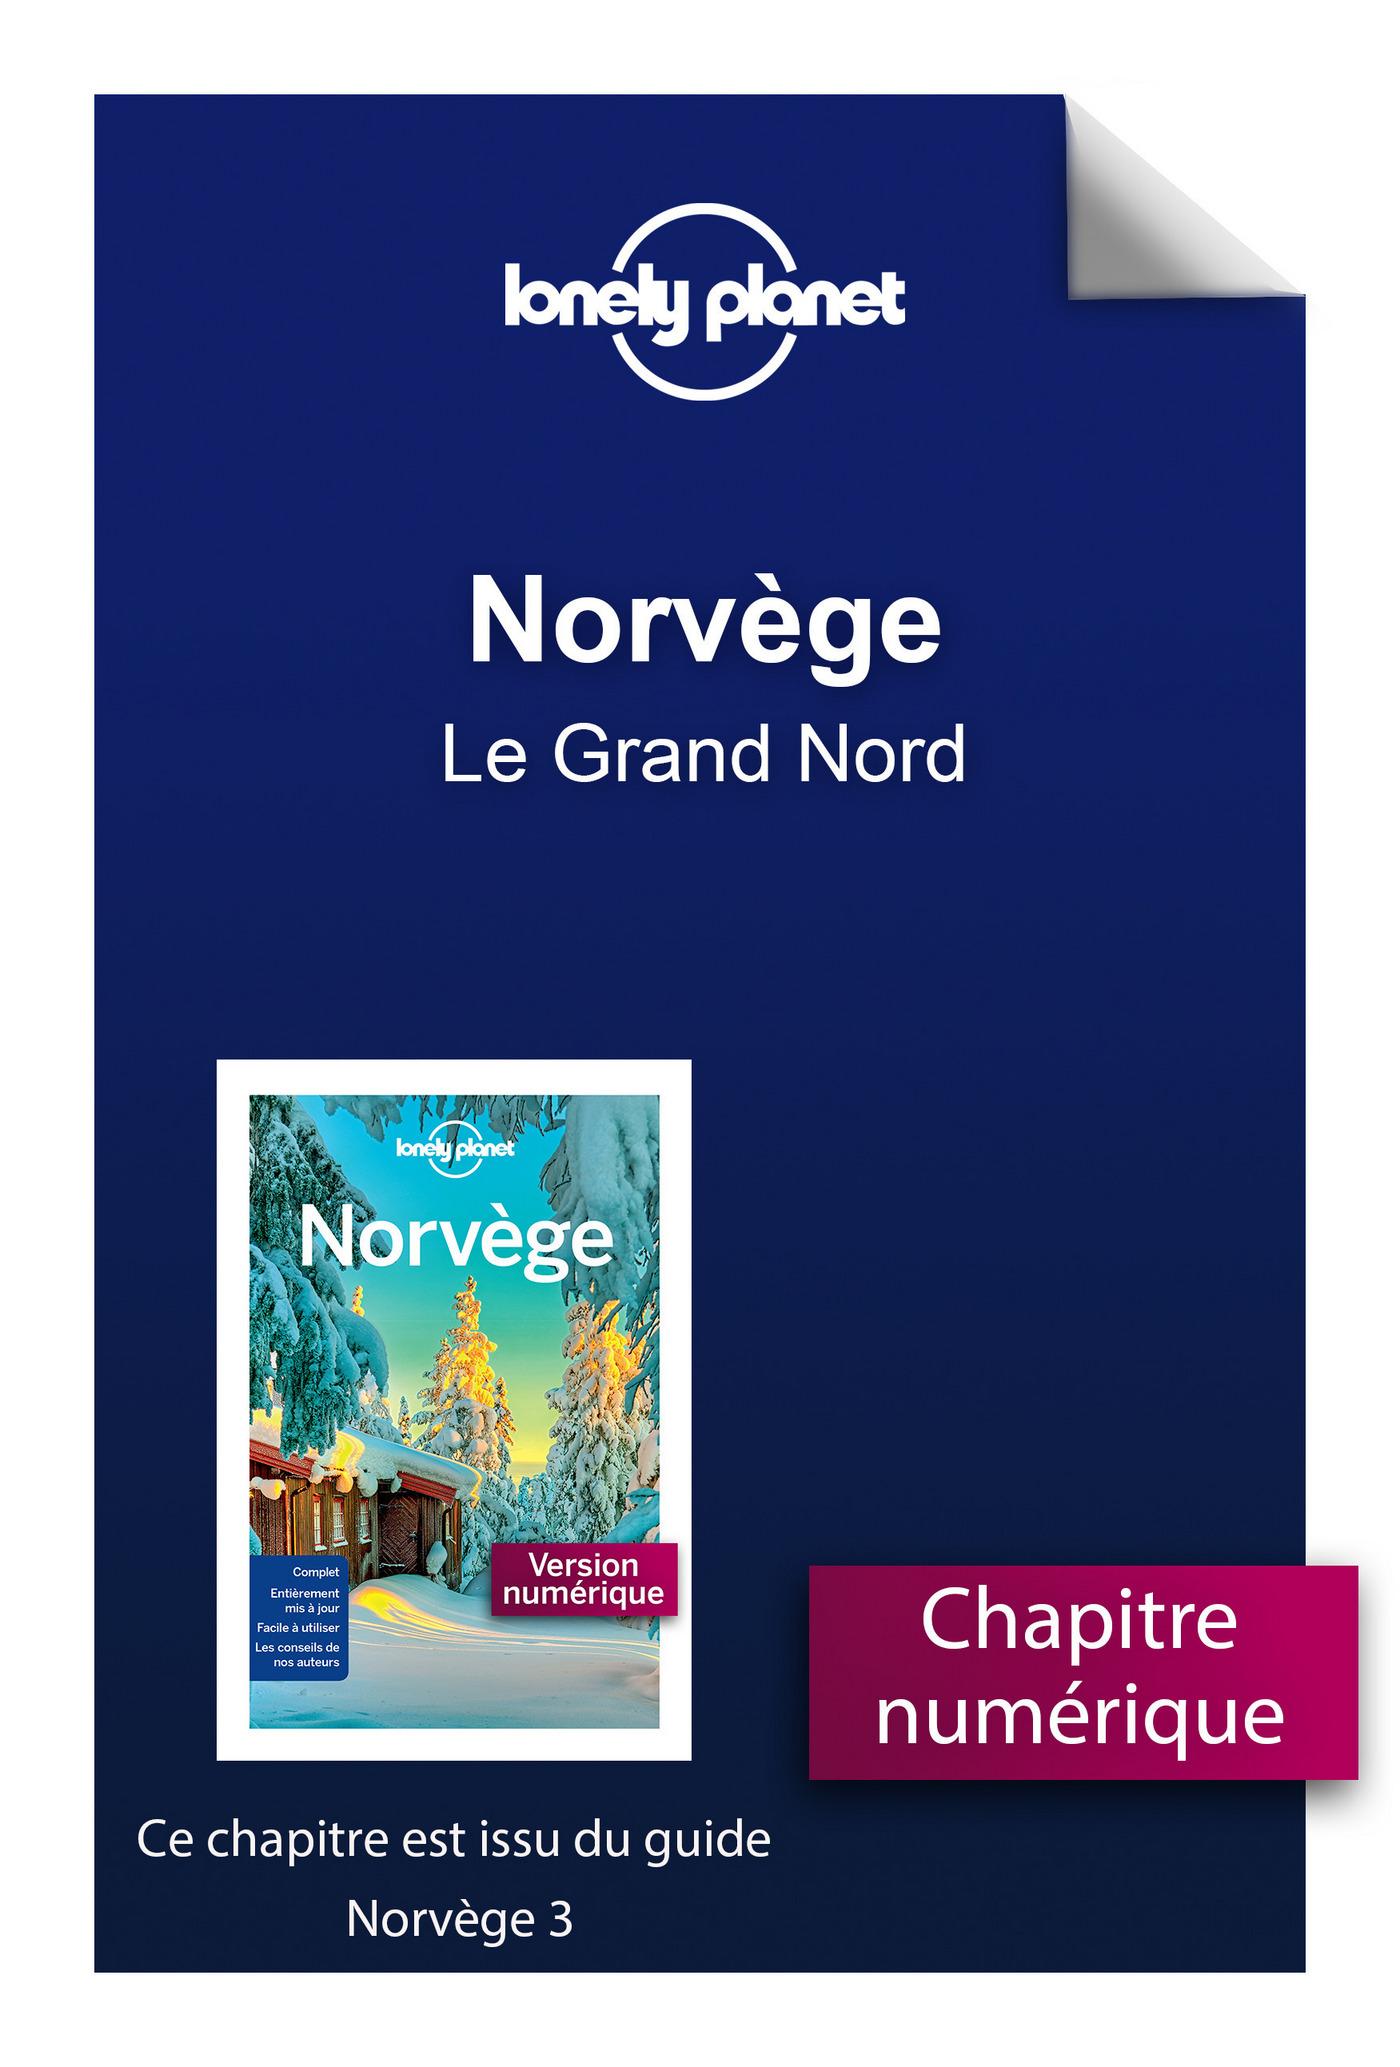 Norvège 3 - Le Grand Nord